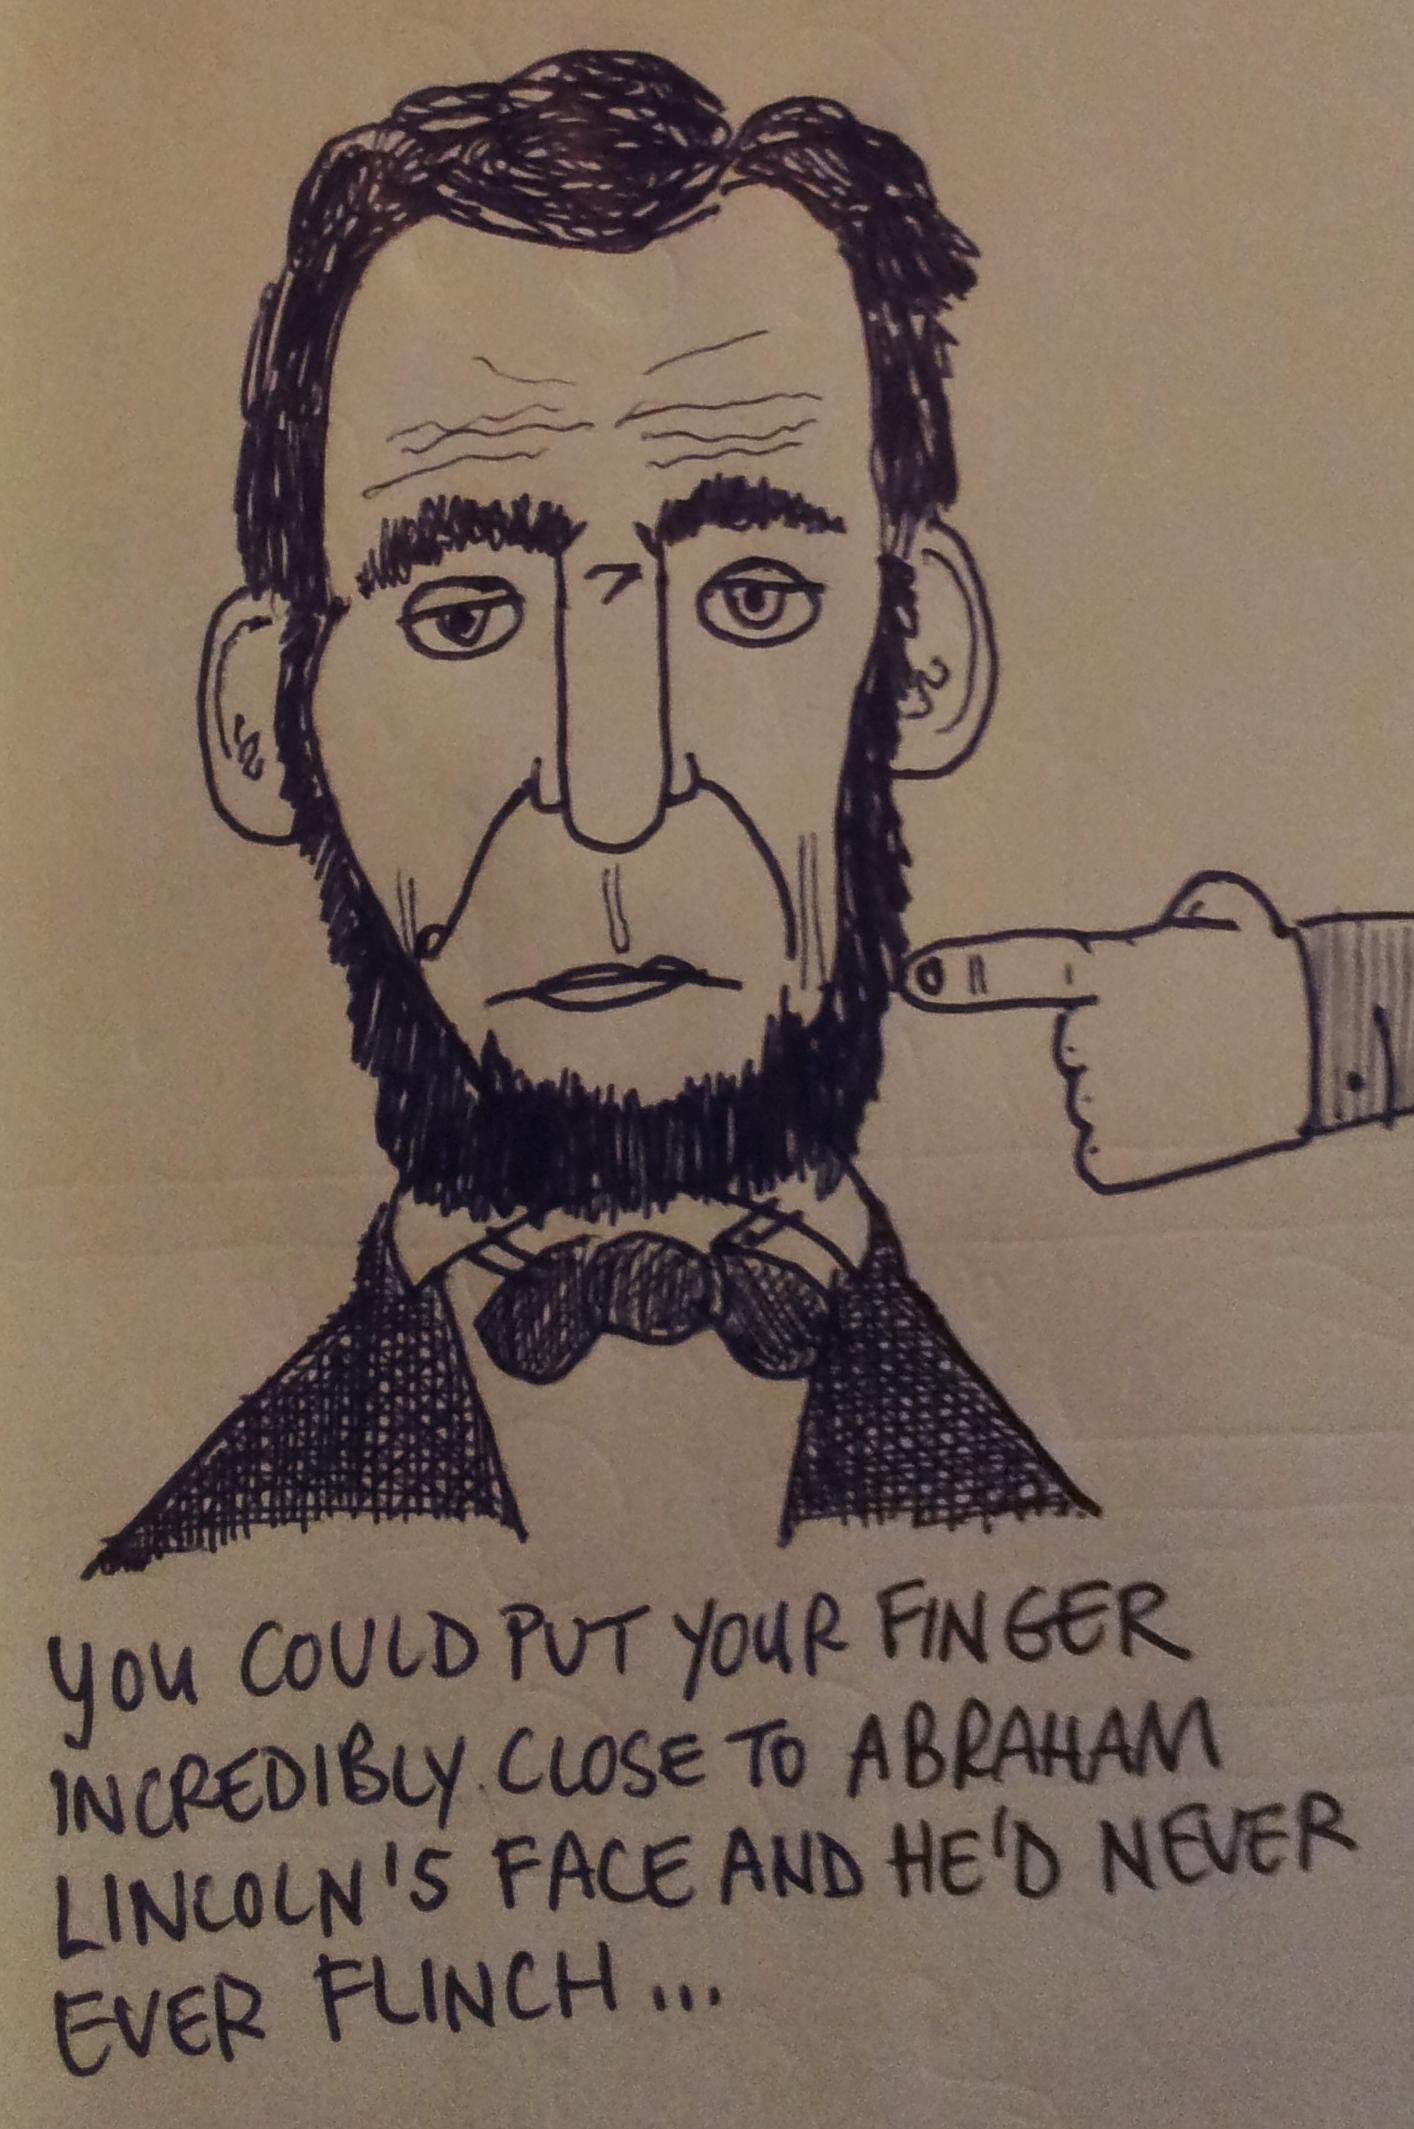 Rare Abraham Lincoln Factoid Slacker Shack